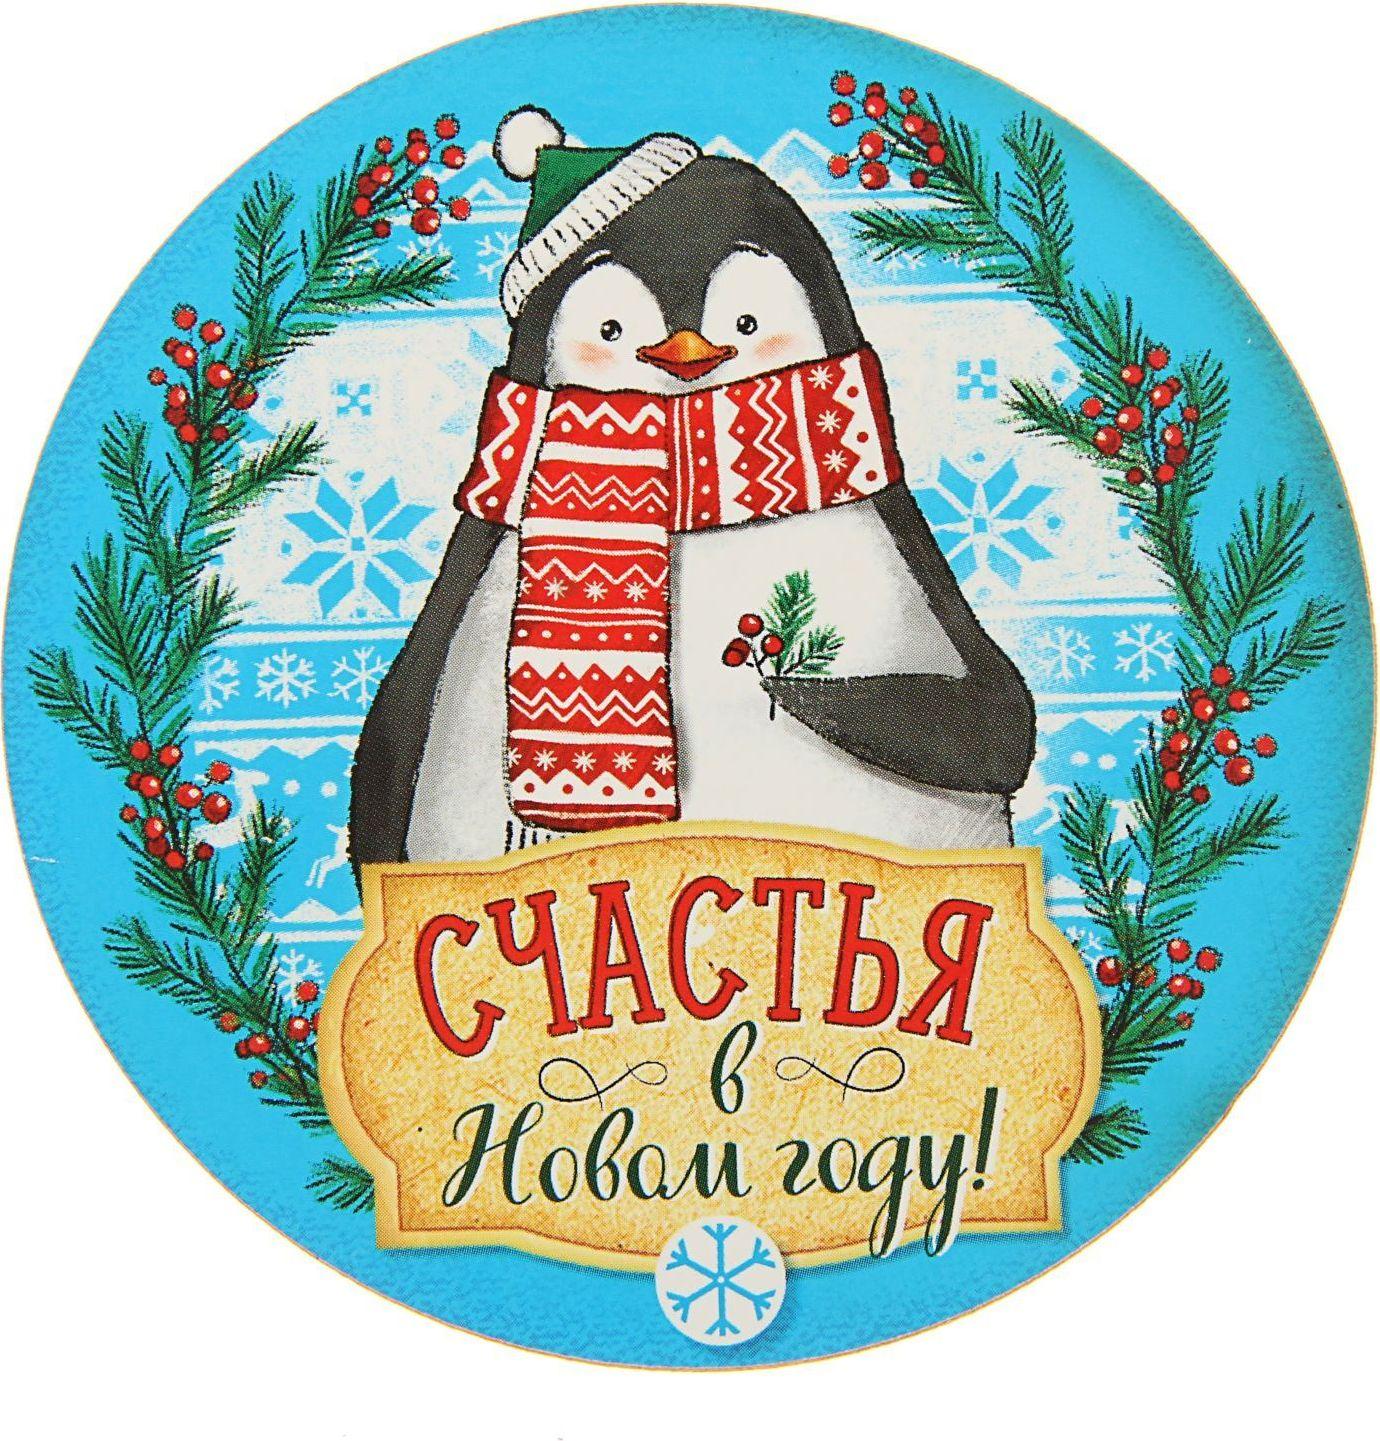 Магнит Sima-land Счастья в Новом году! Пингвин, 9 х 9 см1493236Порадуйте родных и близких оригинальным сувениром: преподнесите в подарок магнит. С ним даже самый серьёзный человек почувствует себя ребёнком, ожидающим чудо! Создайте праздничное настроение, и оно останется с вами на весь год.